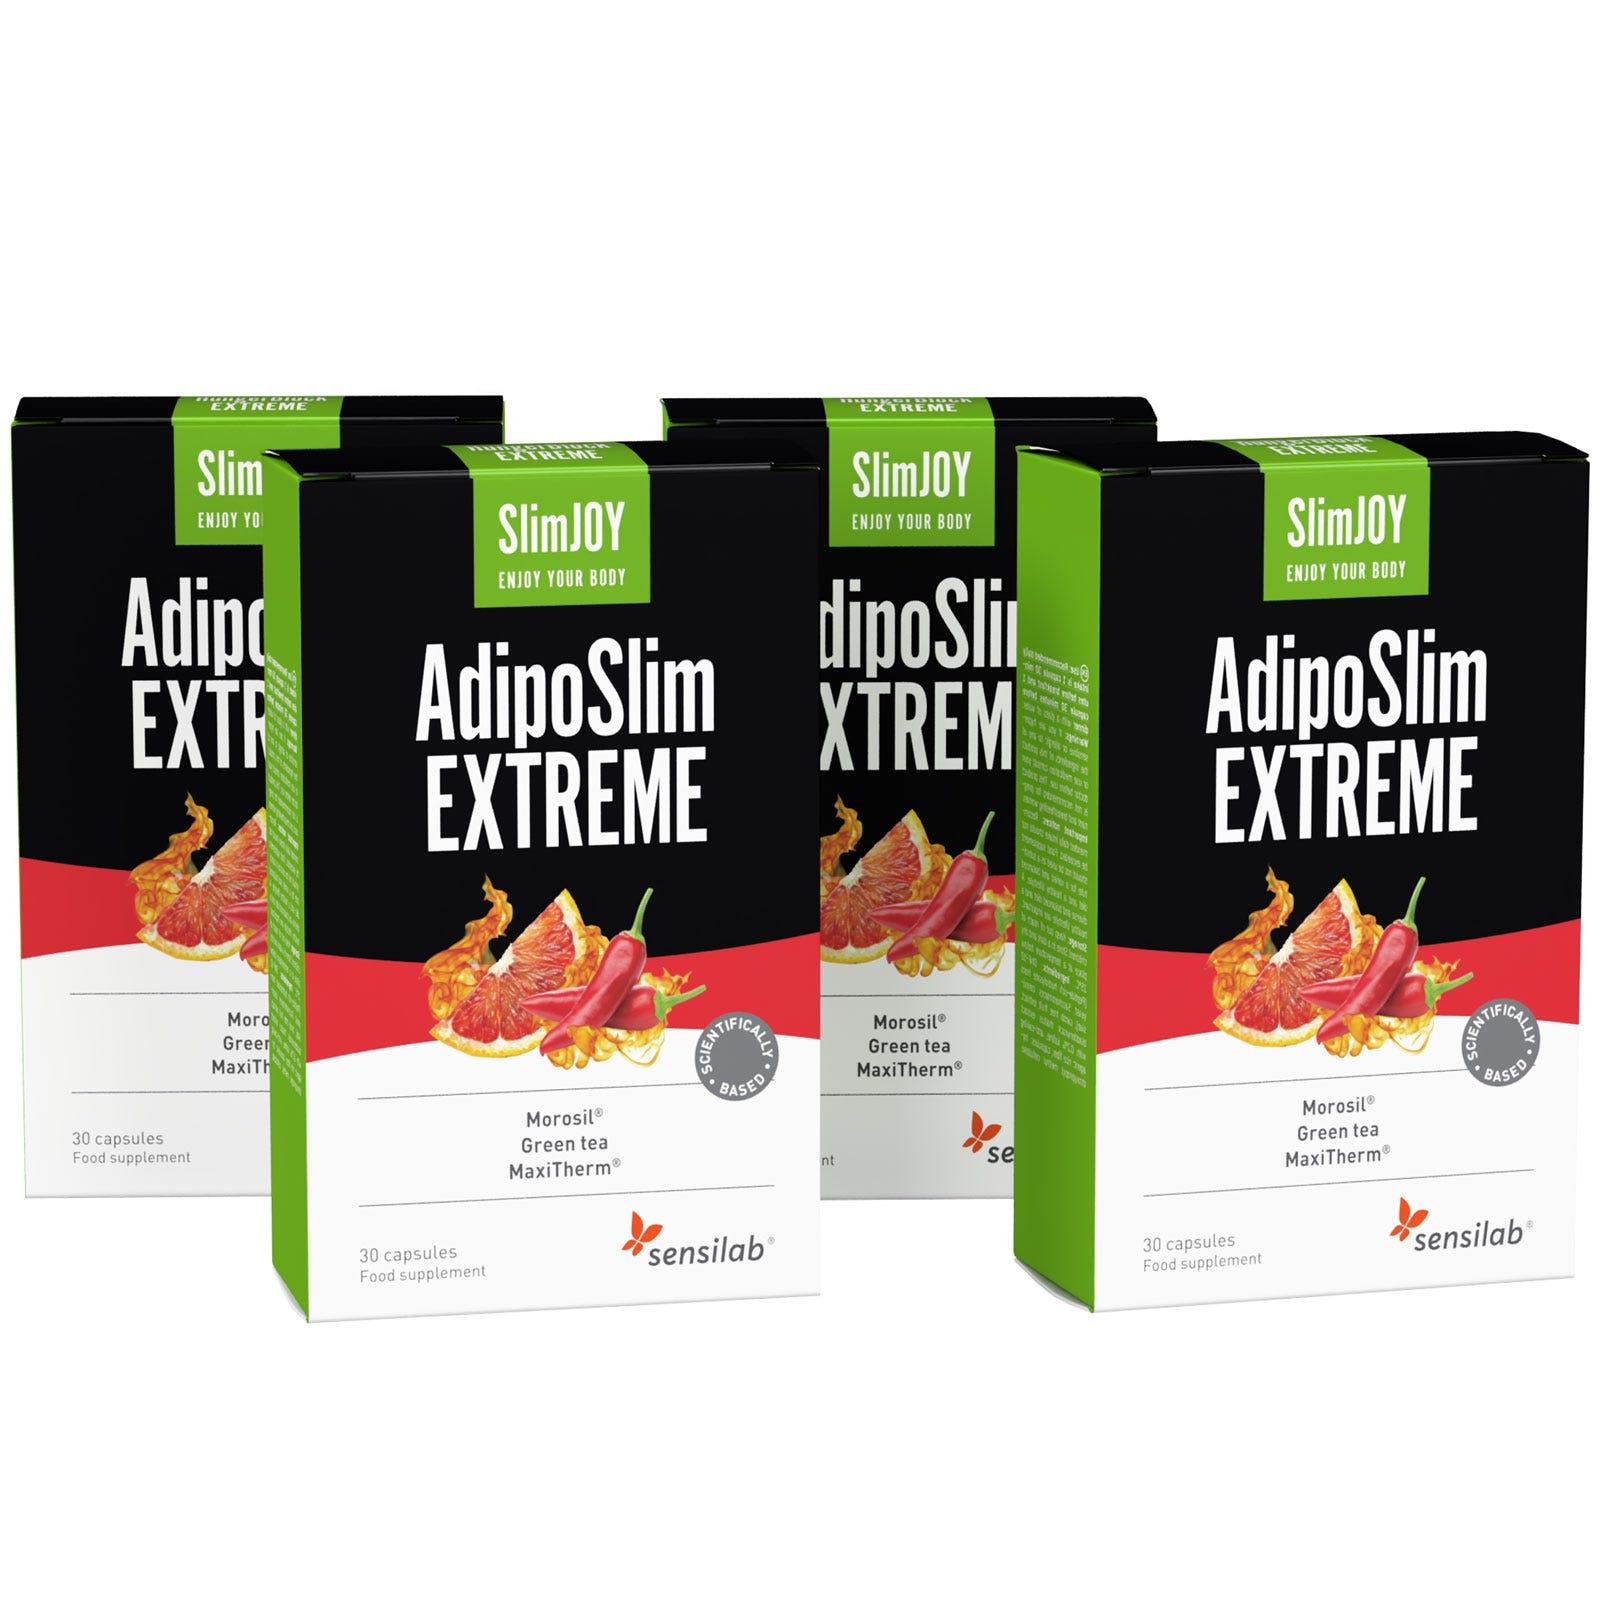 AdipoSlim Extreme |Pacchetto per 4 mesi | Bruciare grasso addominale | Formula 30% più forte | Programma di 4 mesi | 120 capsule | SlimJOY.